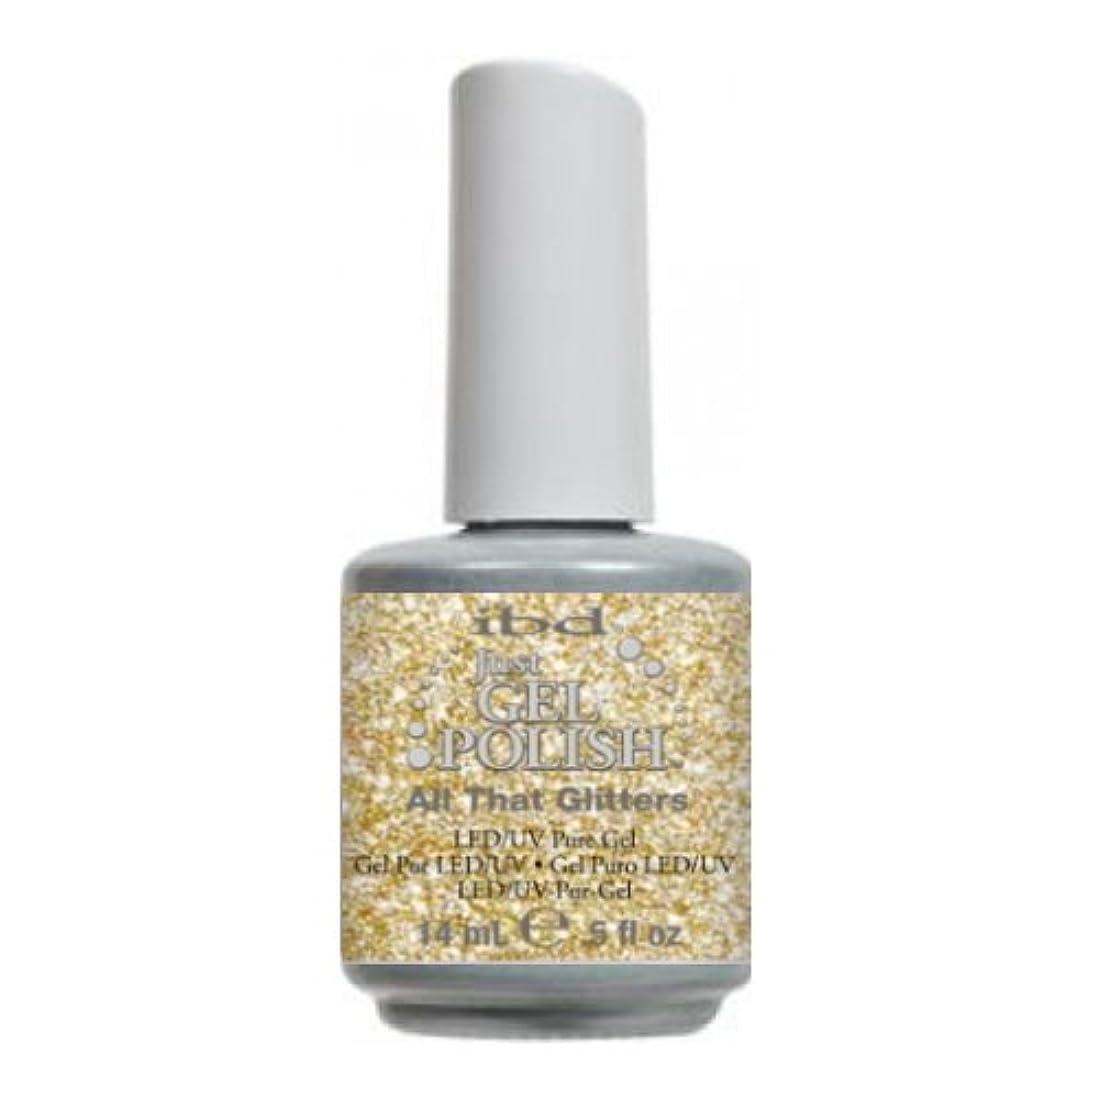 チャットセイはさておき発音する(3 Pack) ibd Just Gel Polish - All That Glitters (並行輸入品)